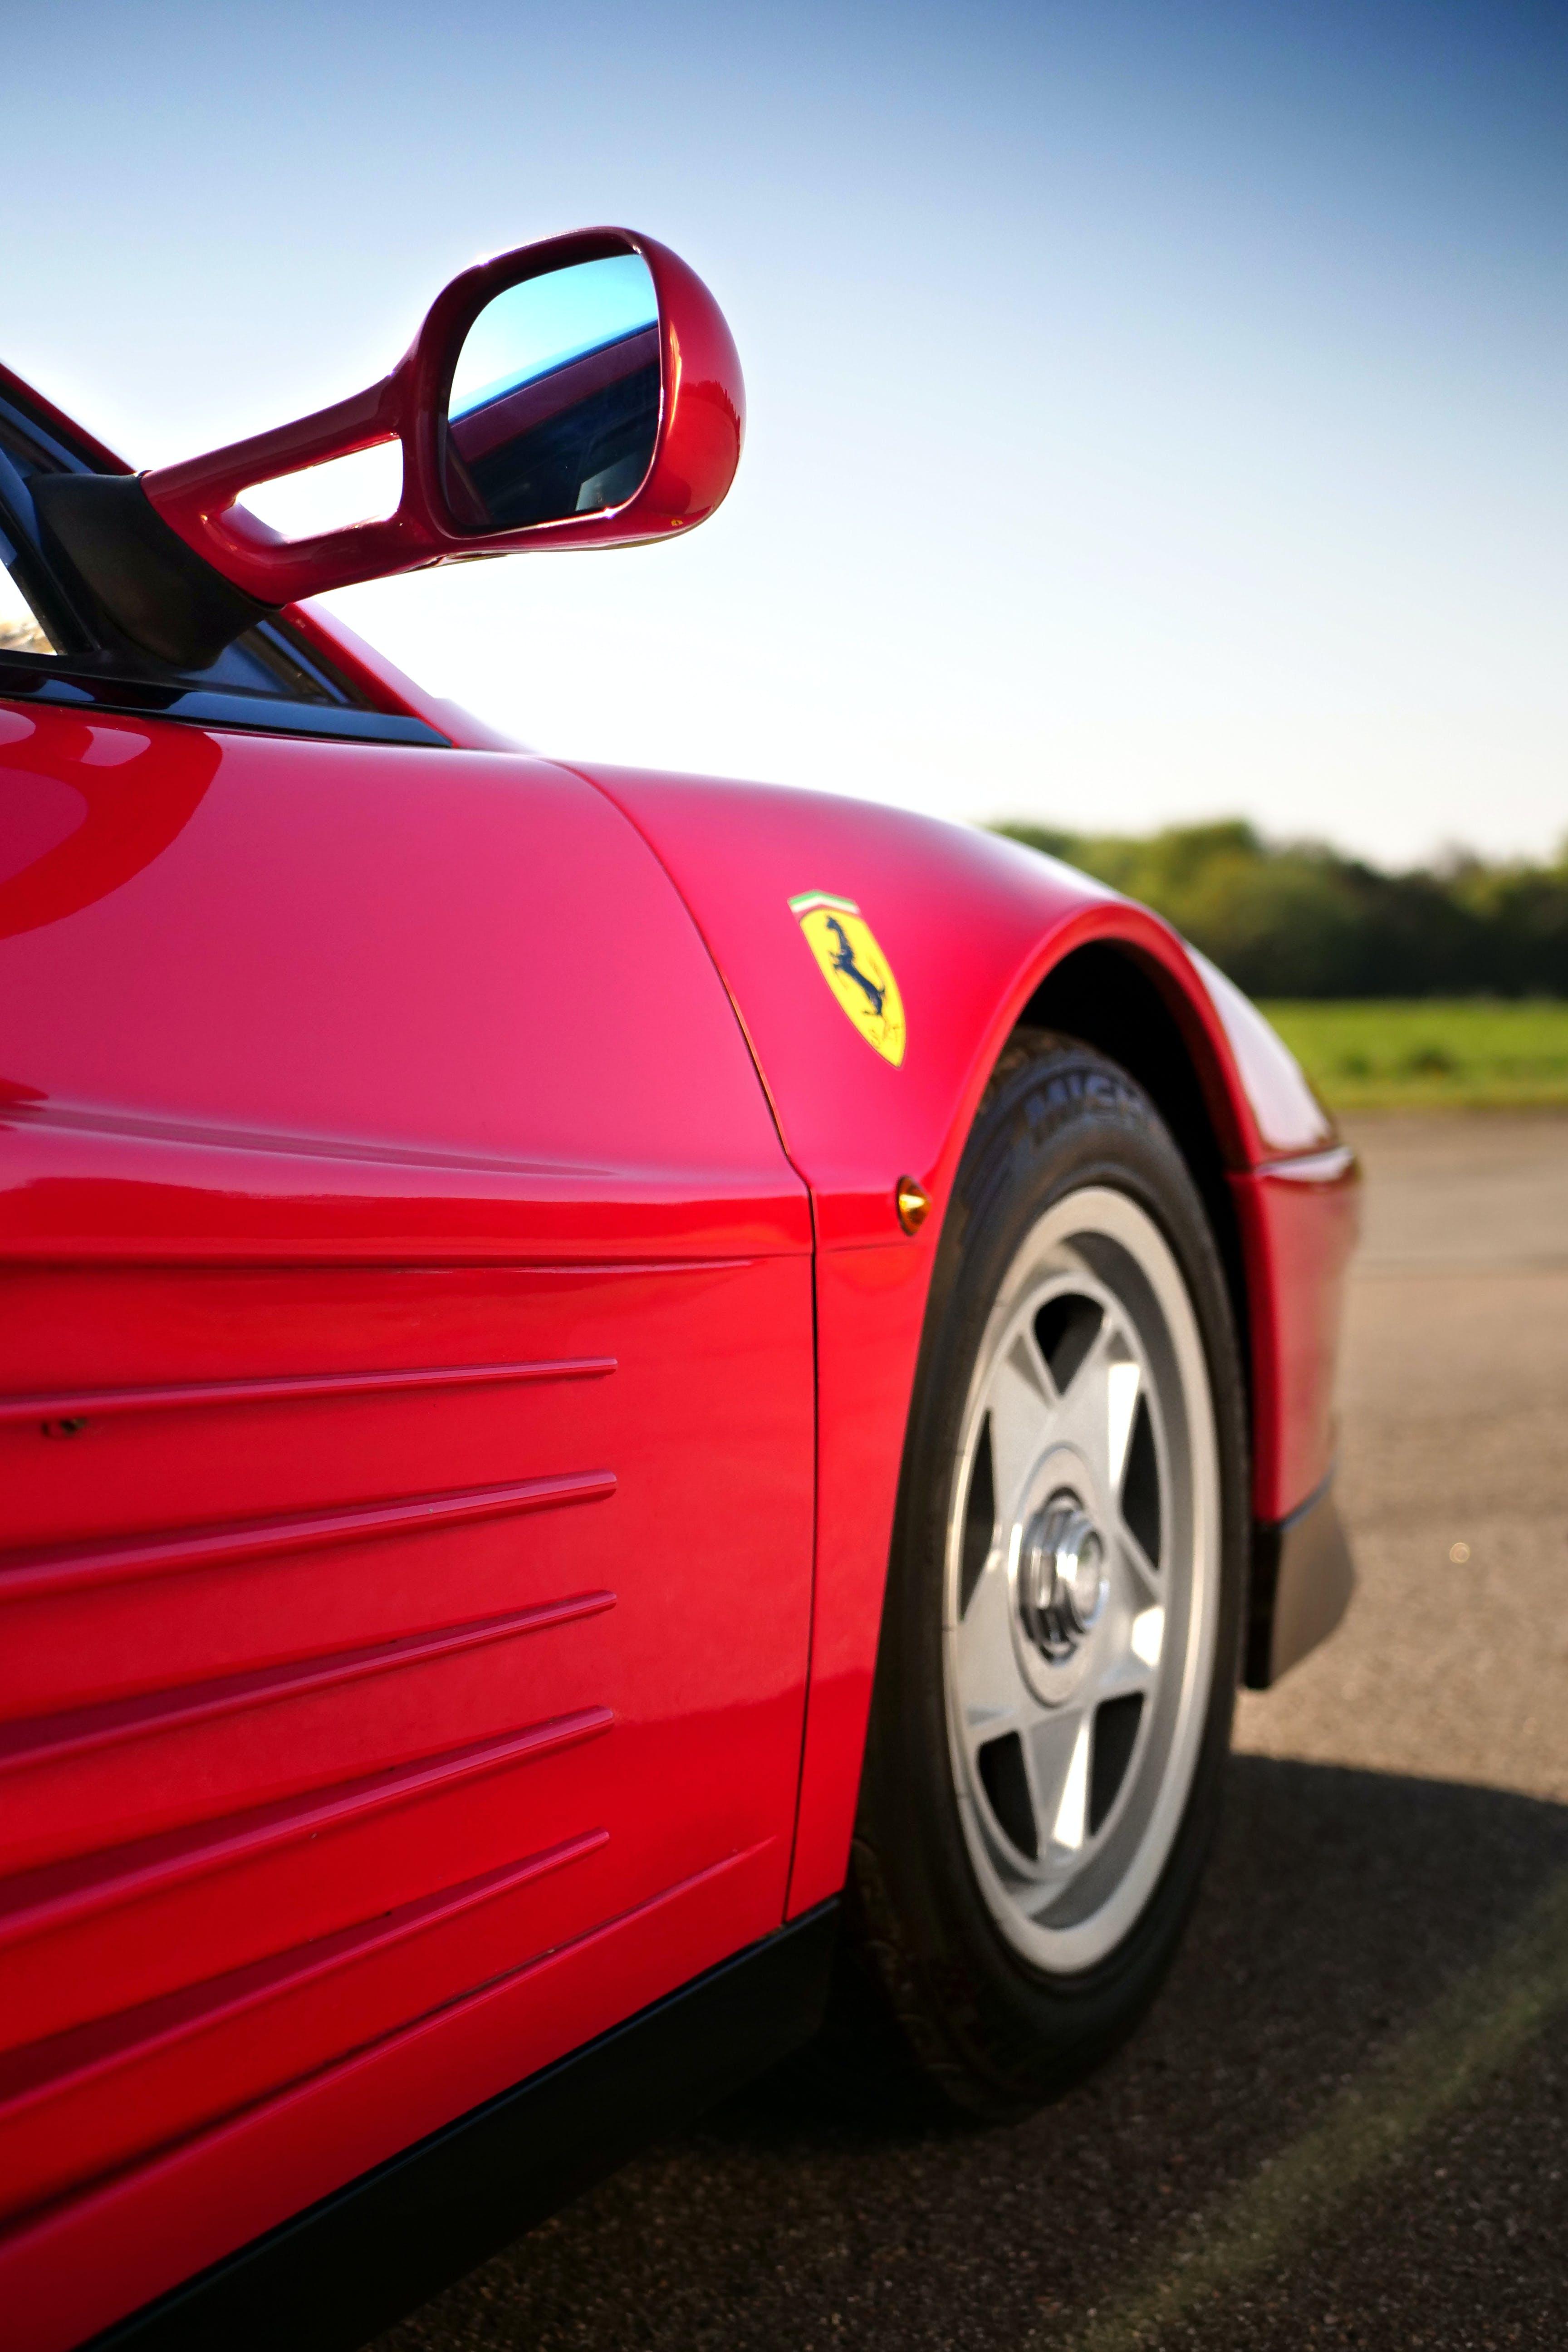 Безкоштовне стокове фото на тему «Ferrari, автомобіль, автомобільний, дорога»